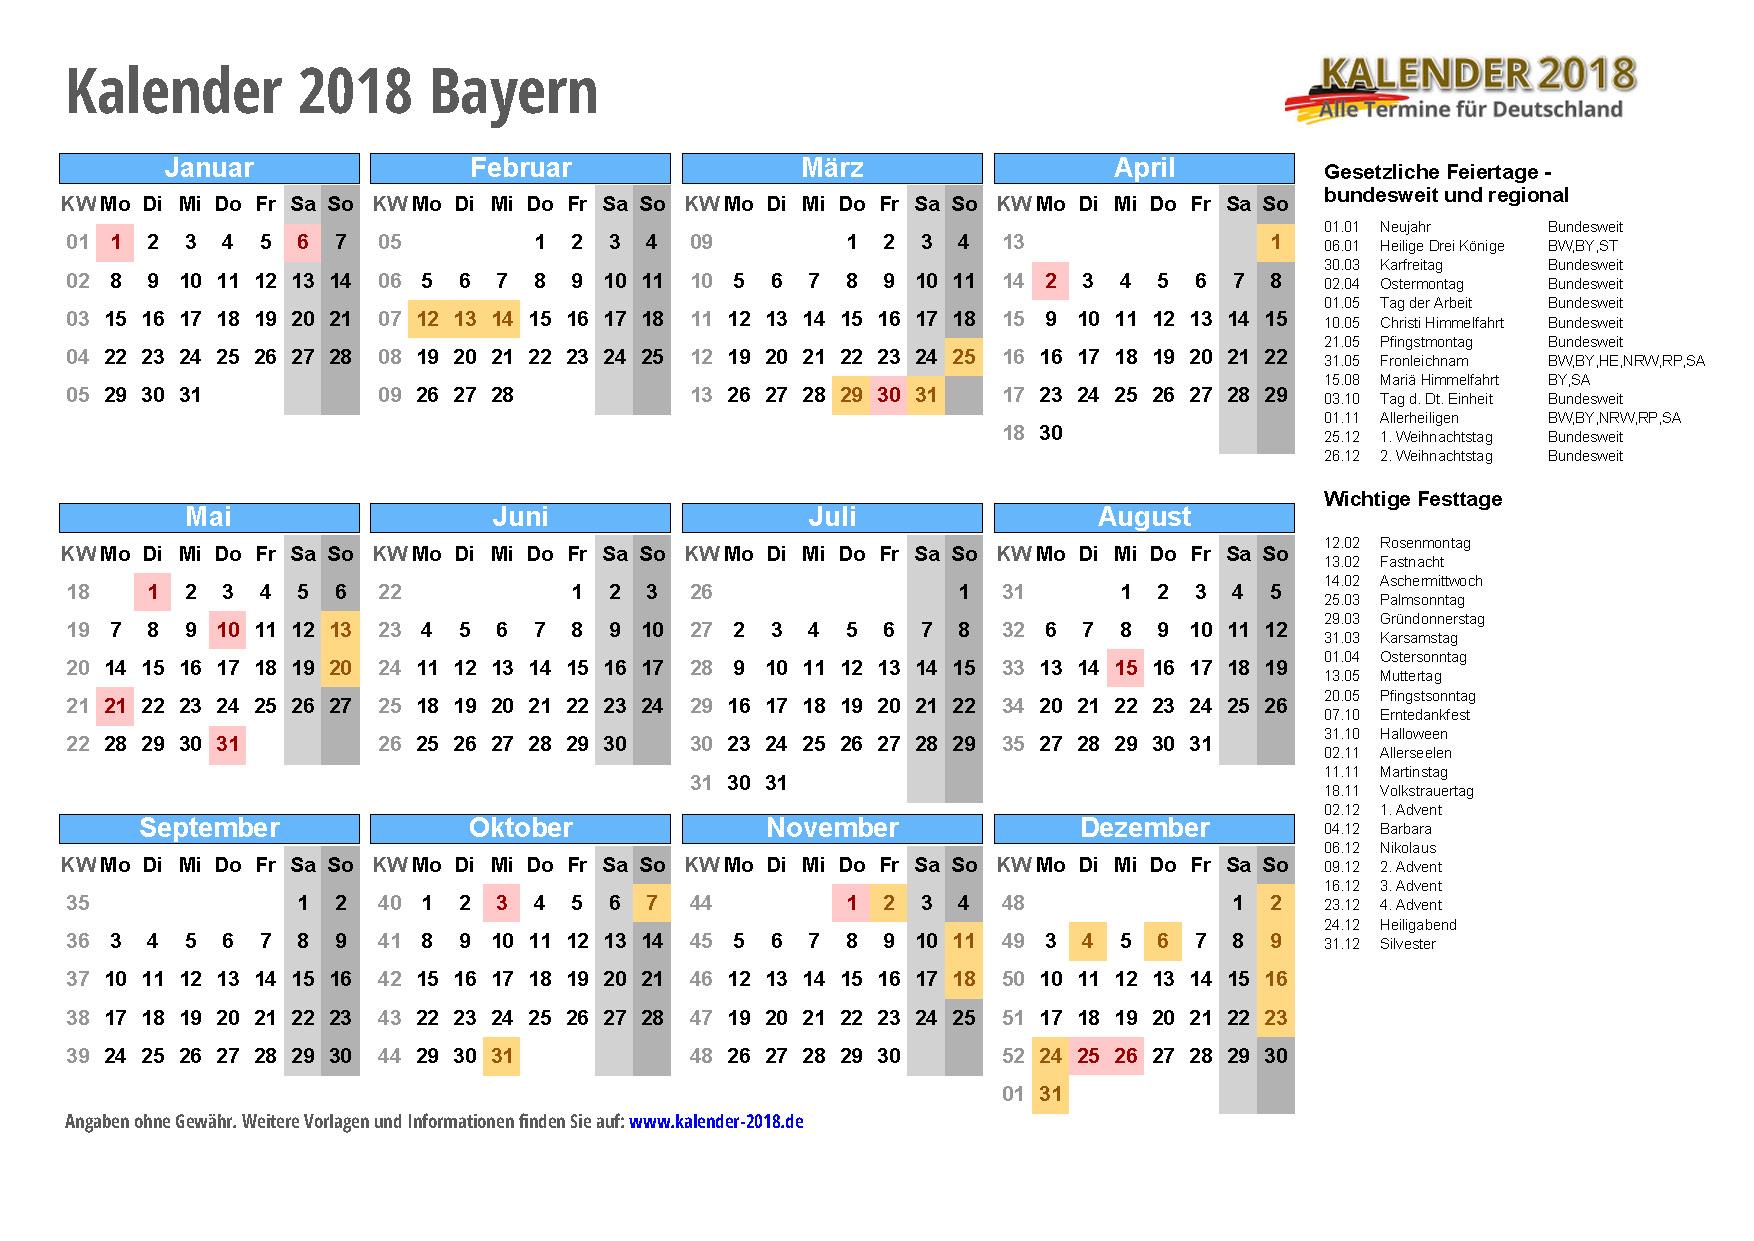 Kalender 2018 Bayern zum Ausdrucken « KALENDER 2018